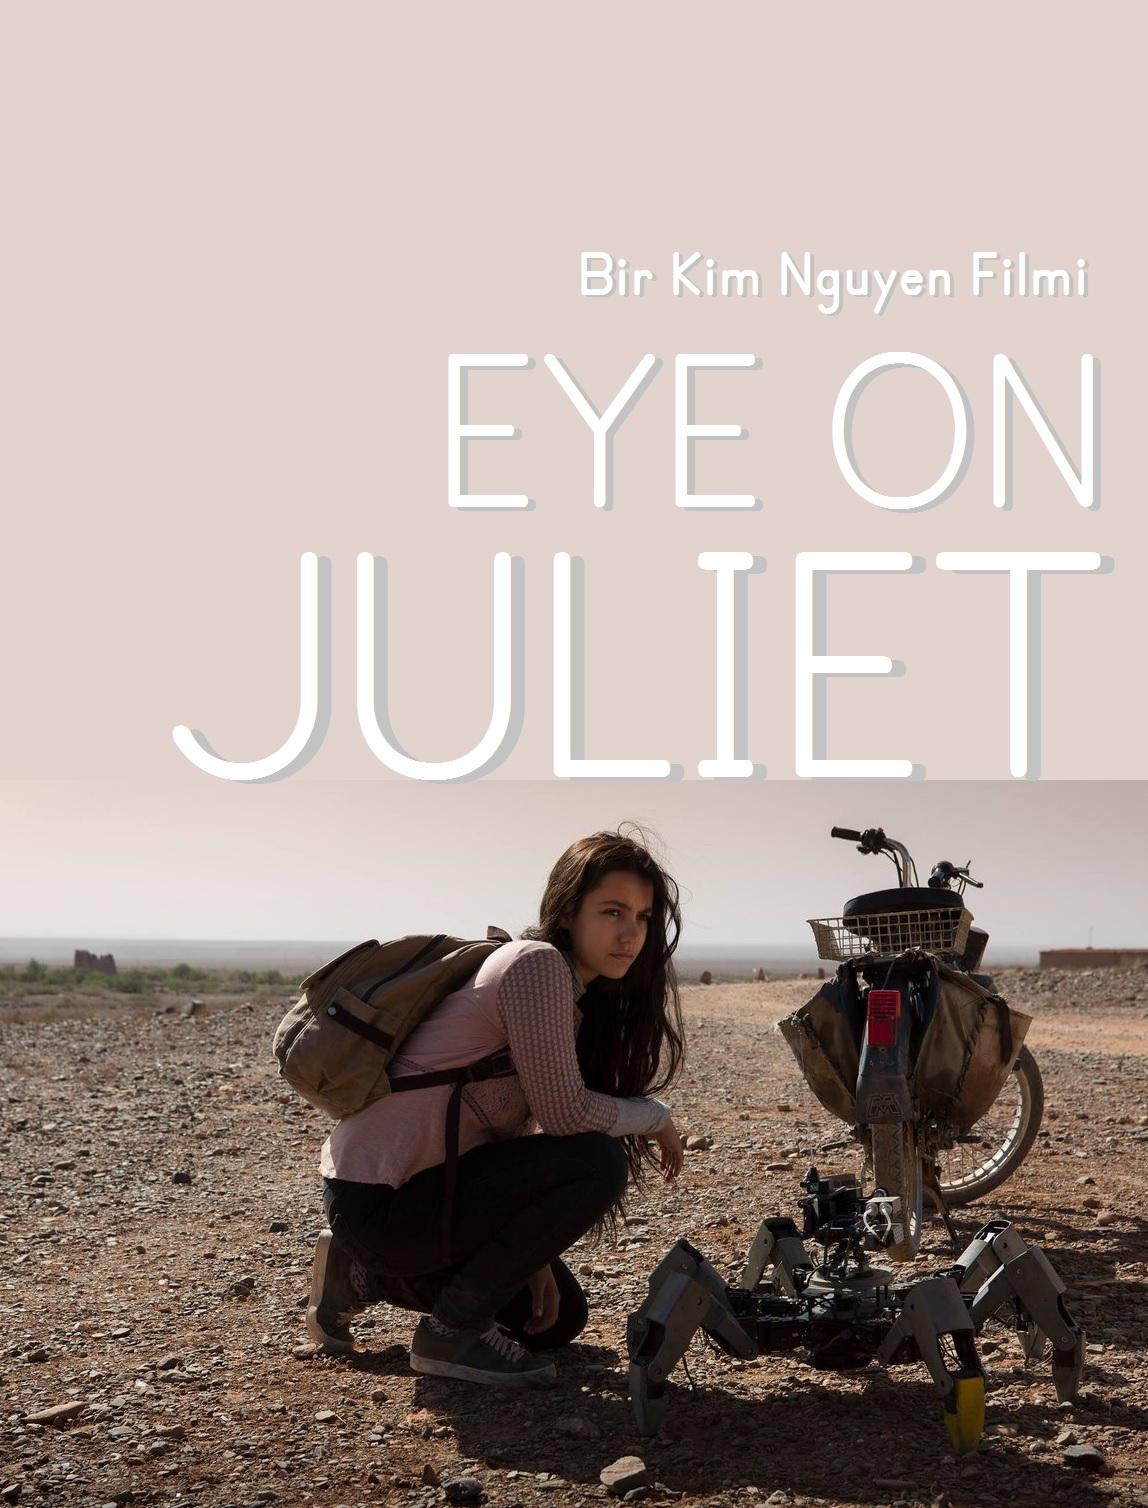 Eye On Juliet